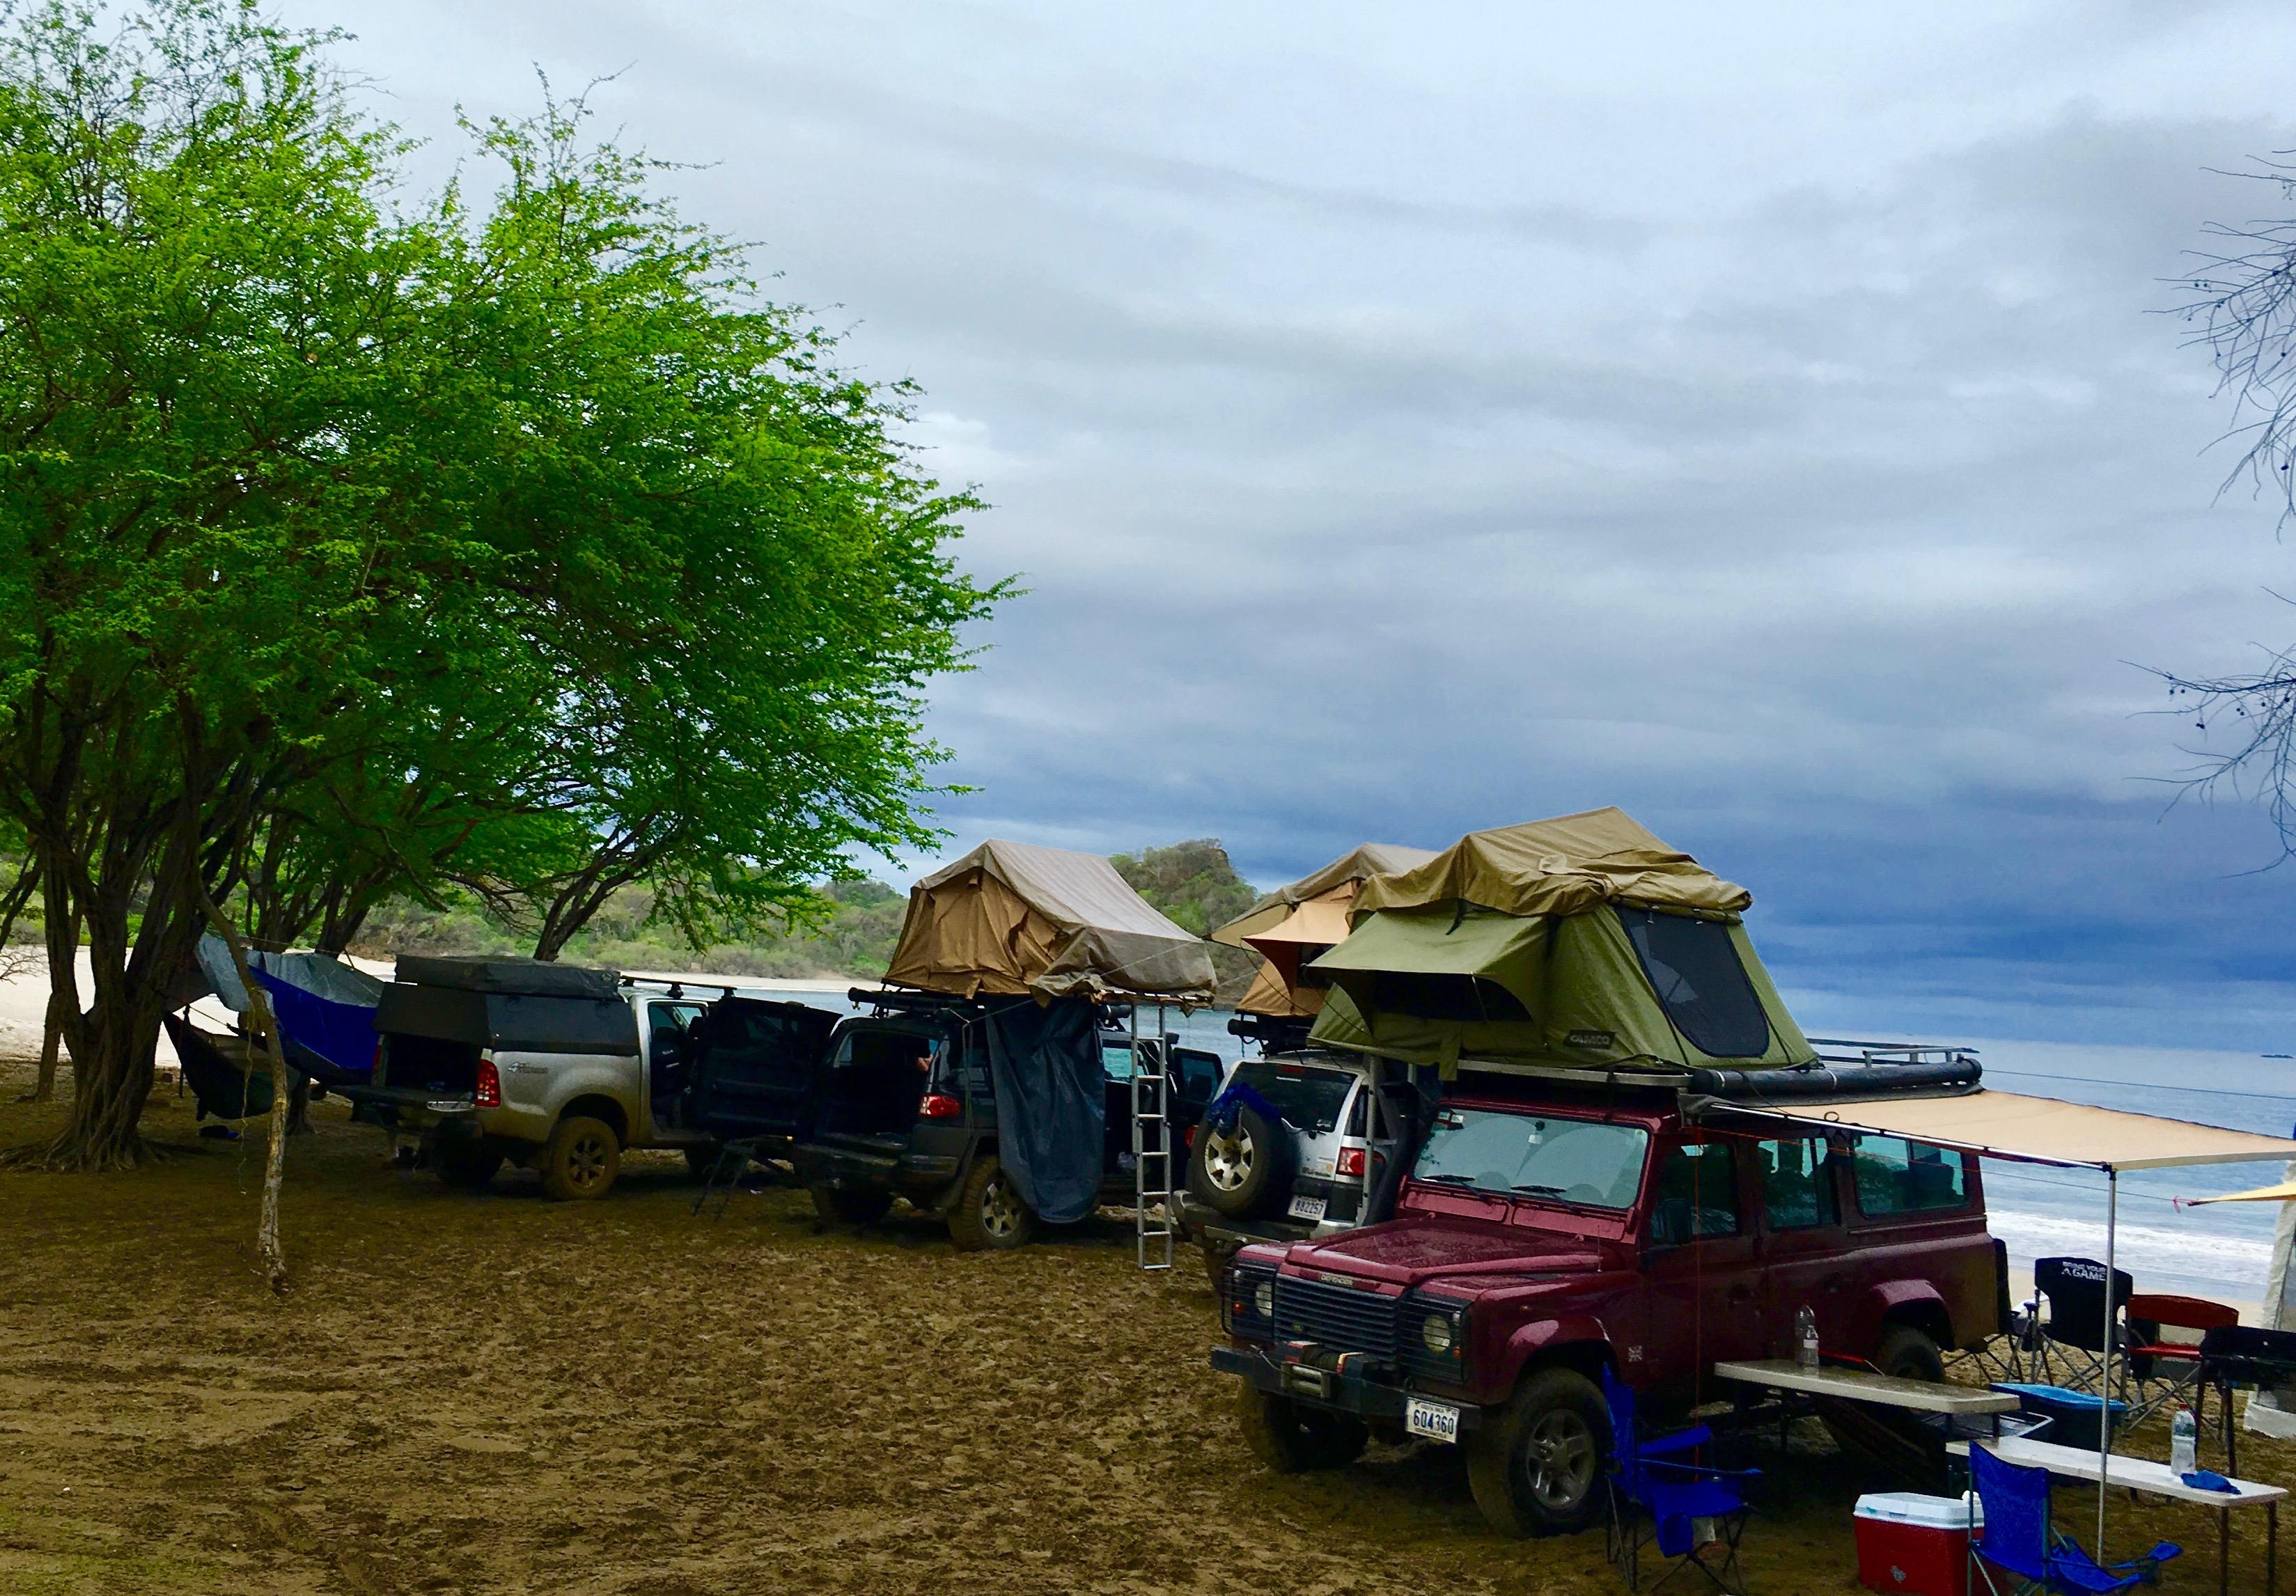 Beach camping in Costa Rica